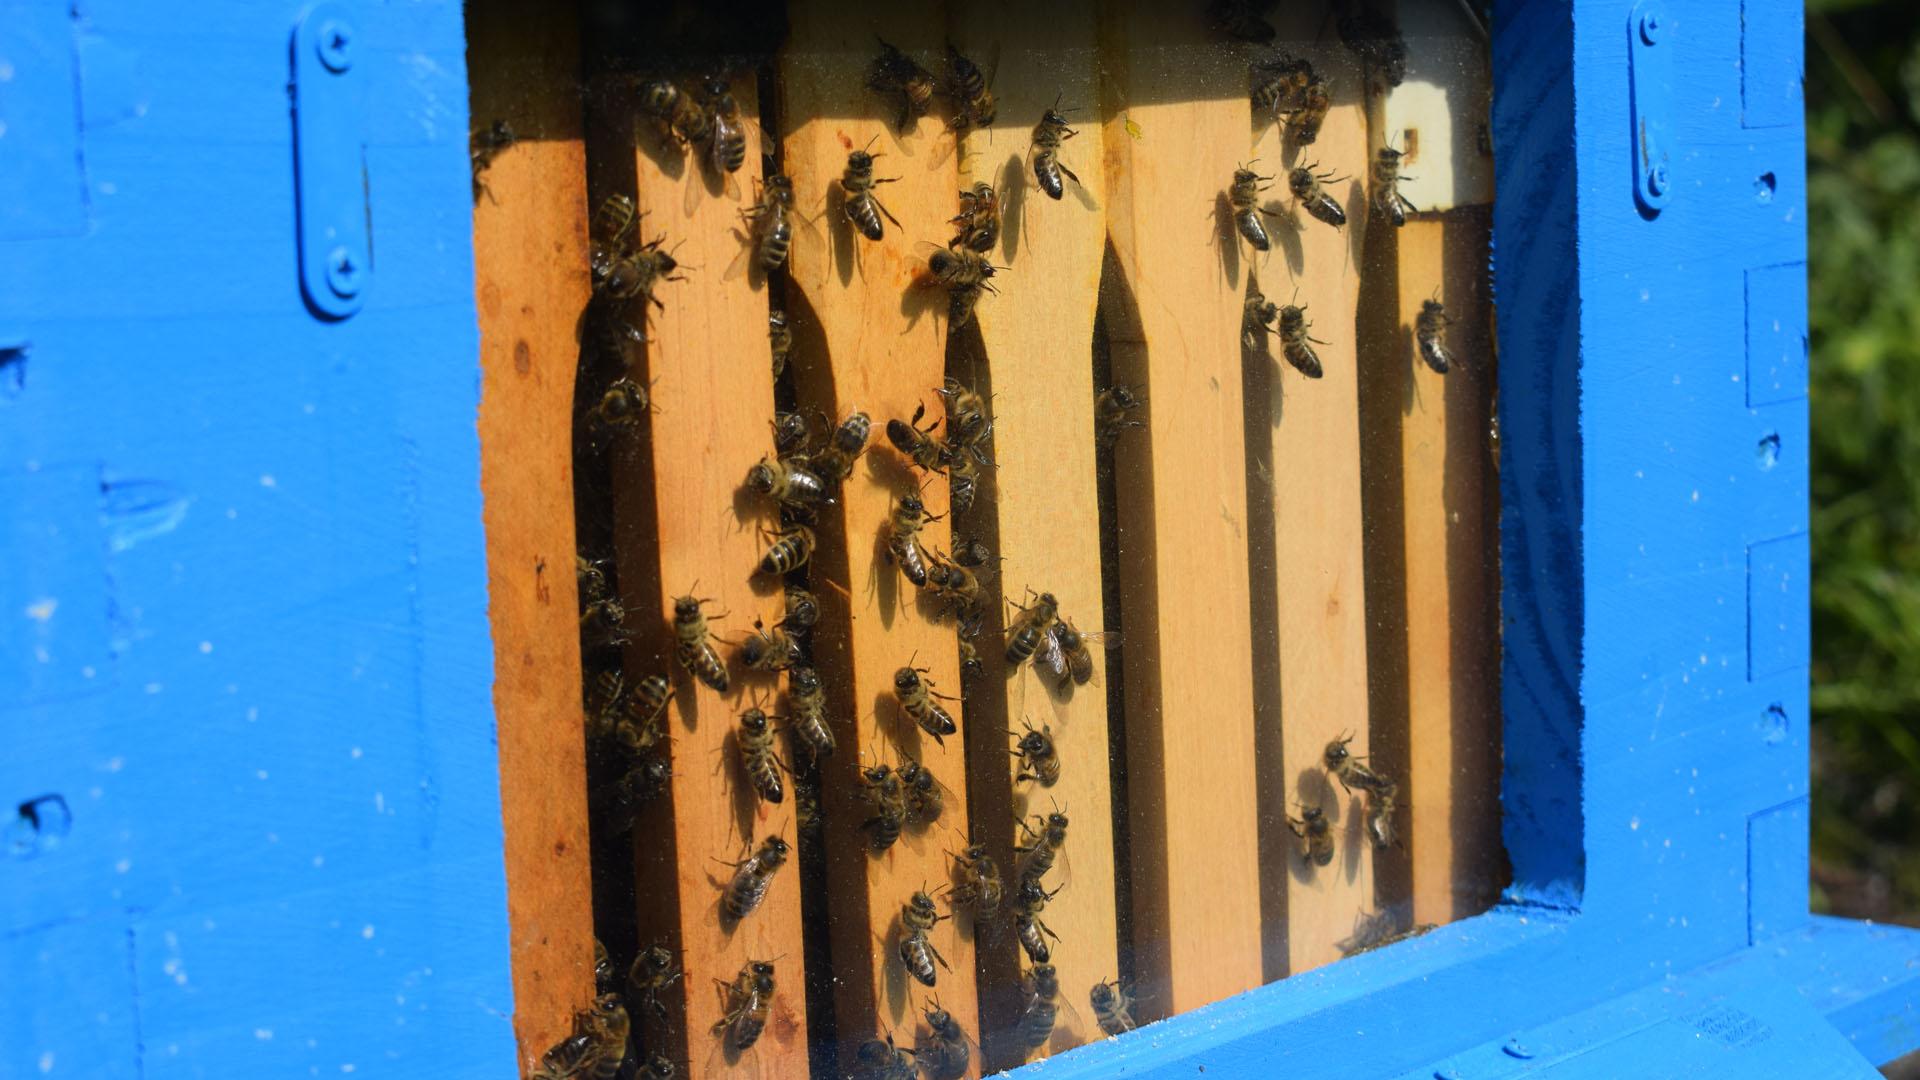 Fenêtre d'observation sur la ruche pédagogique du géosite de la forêt ivre - Commune de Vailly.